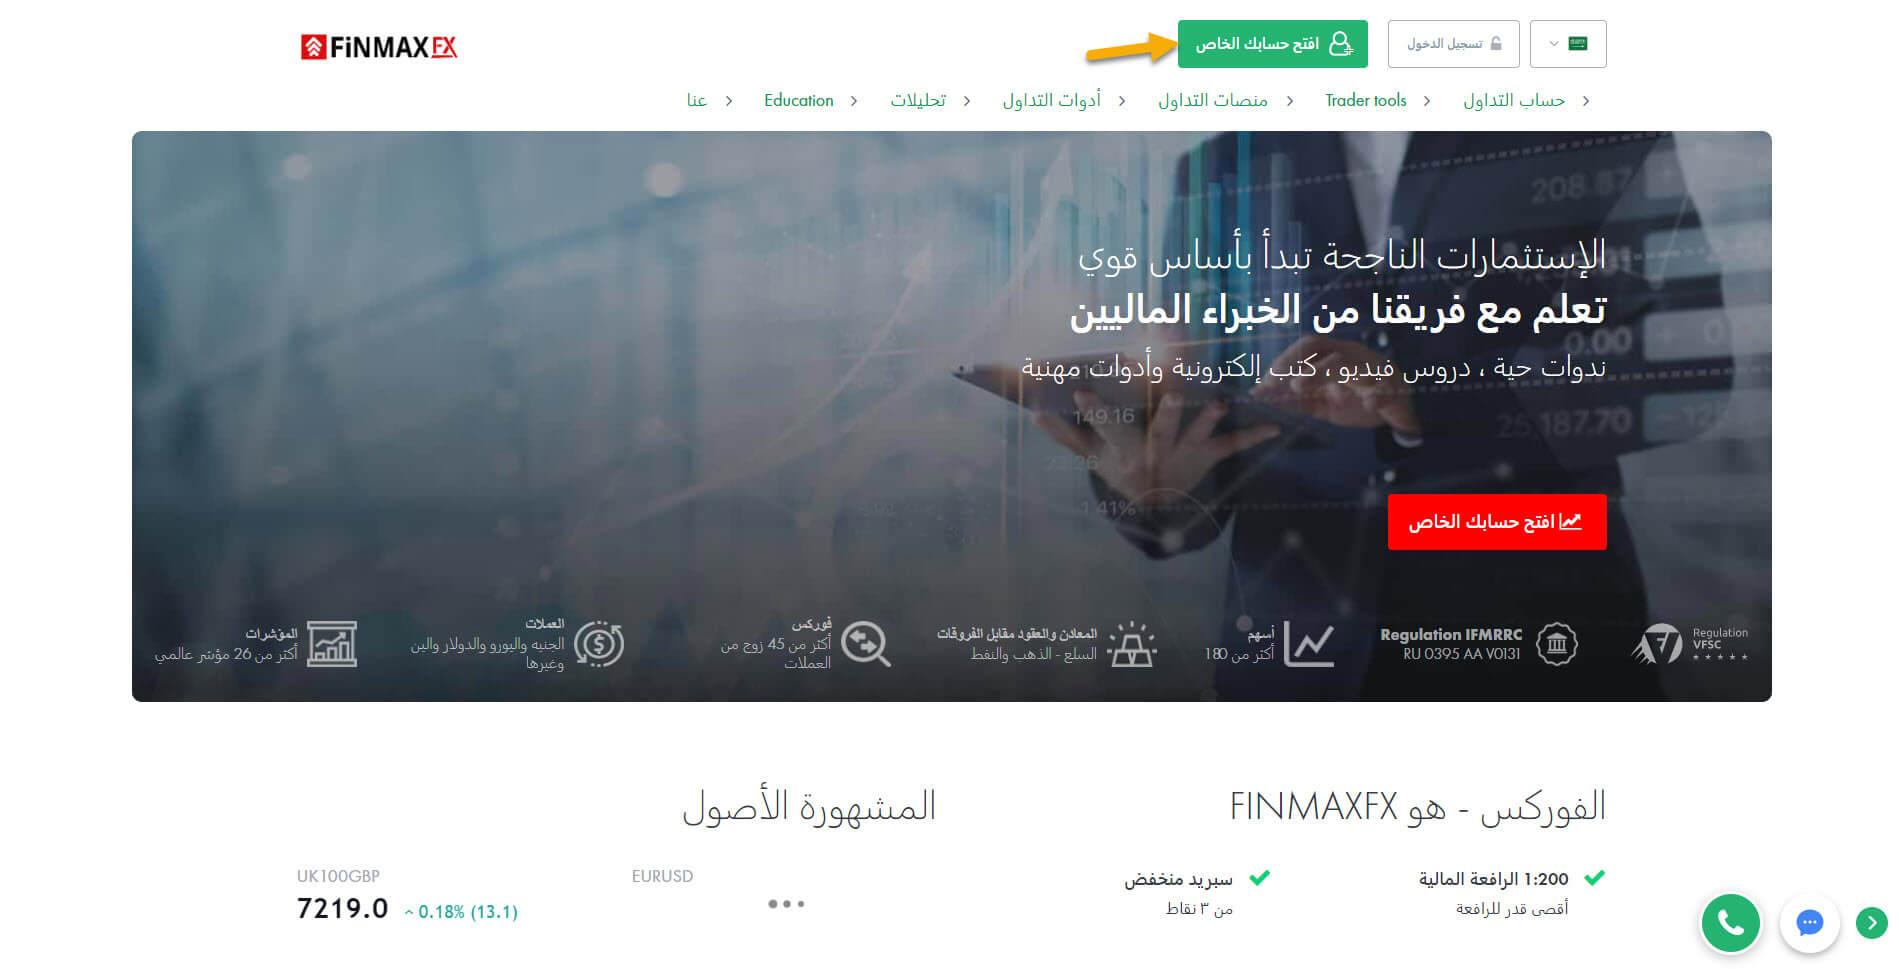 وسيط الفوركس FINMAXFX